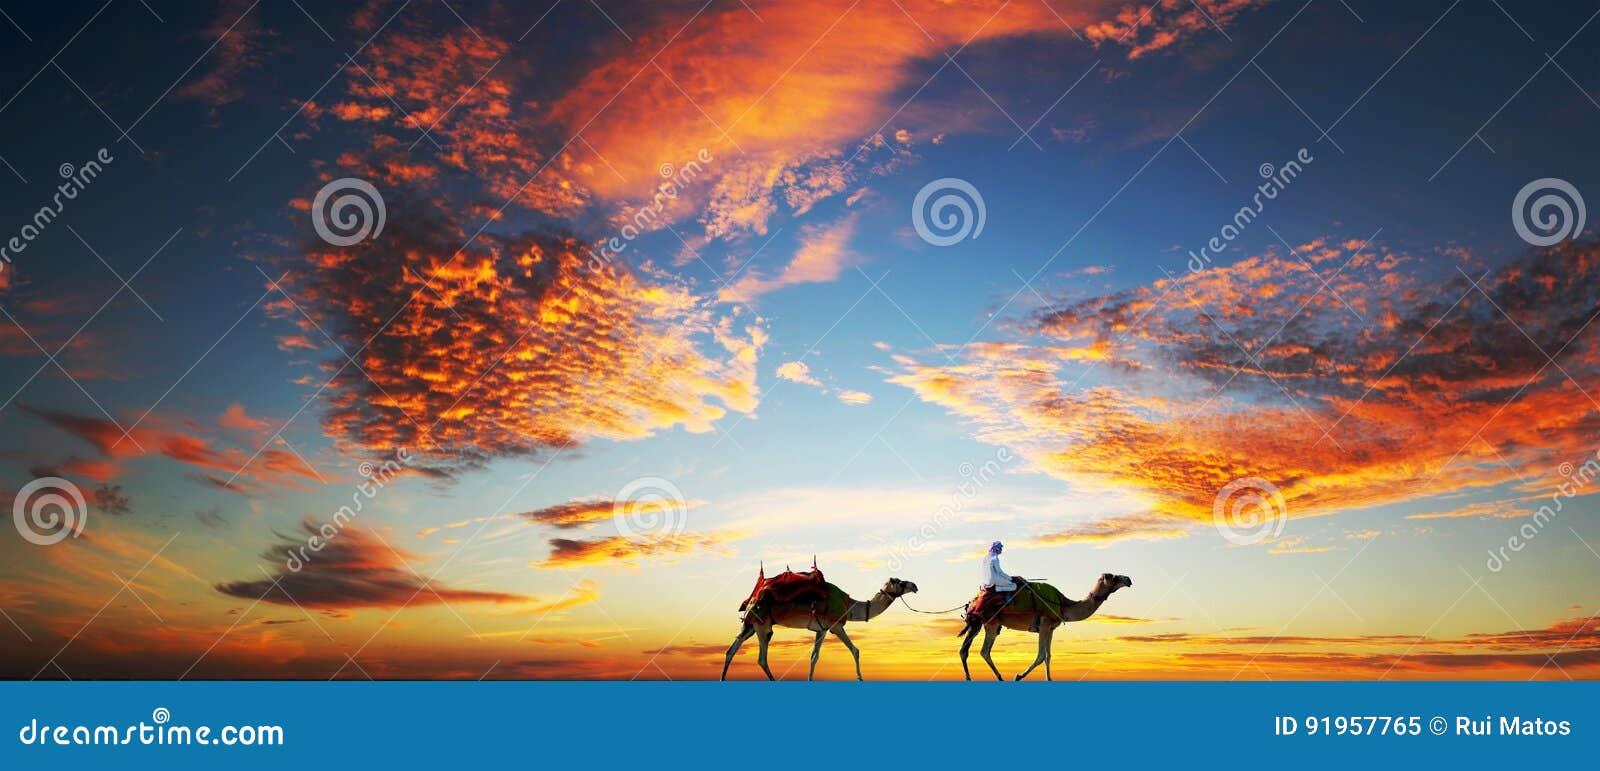 Los camellos en un Dubai varan debajo de un cielo dramático